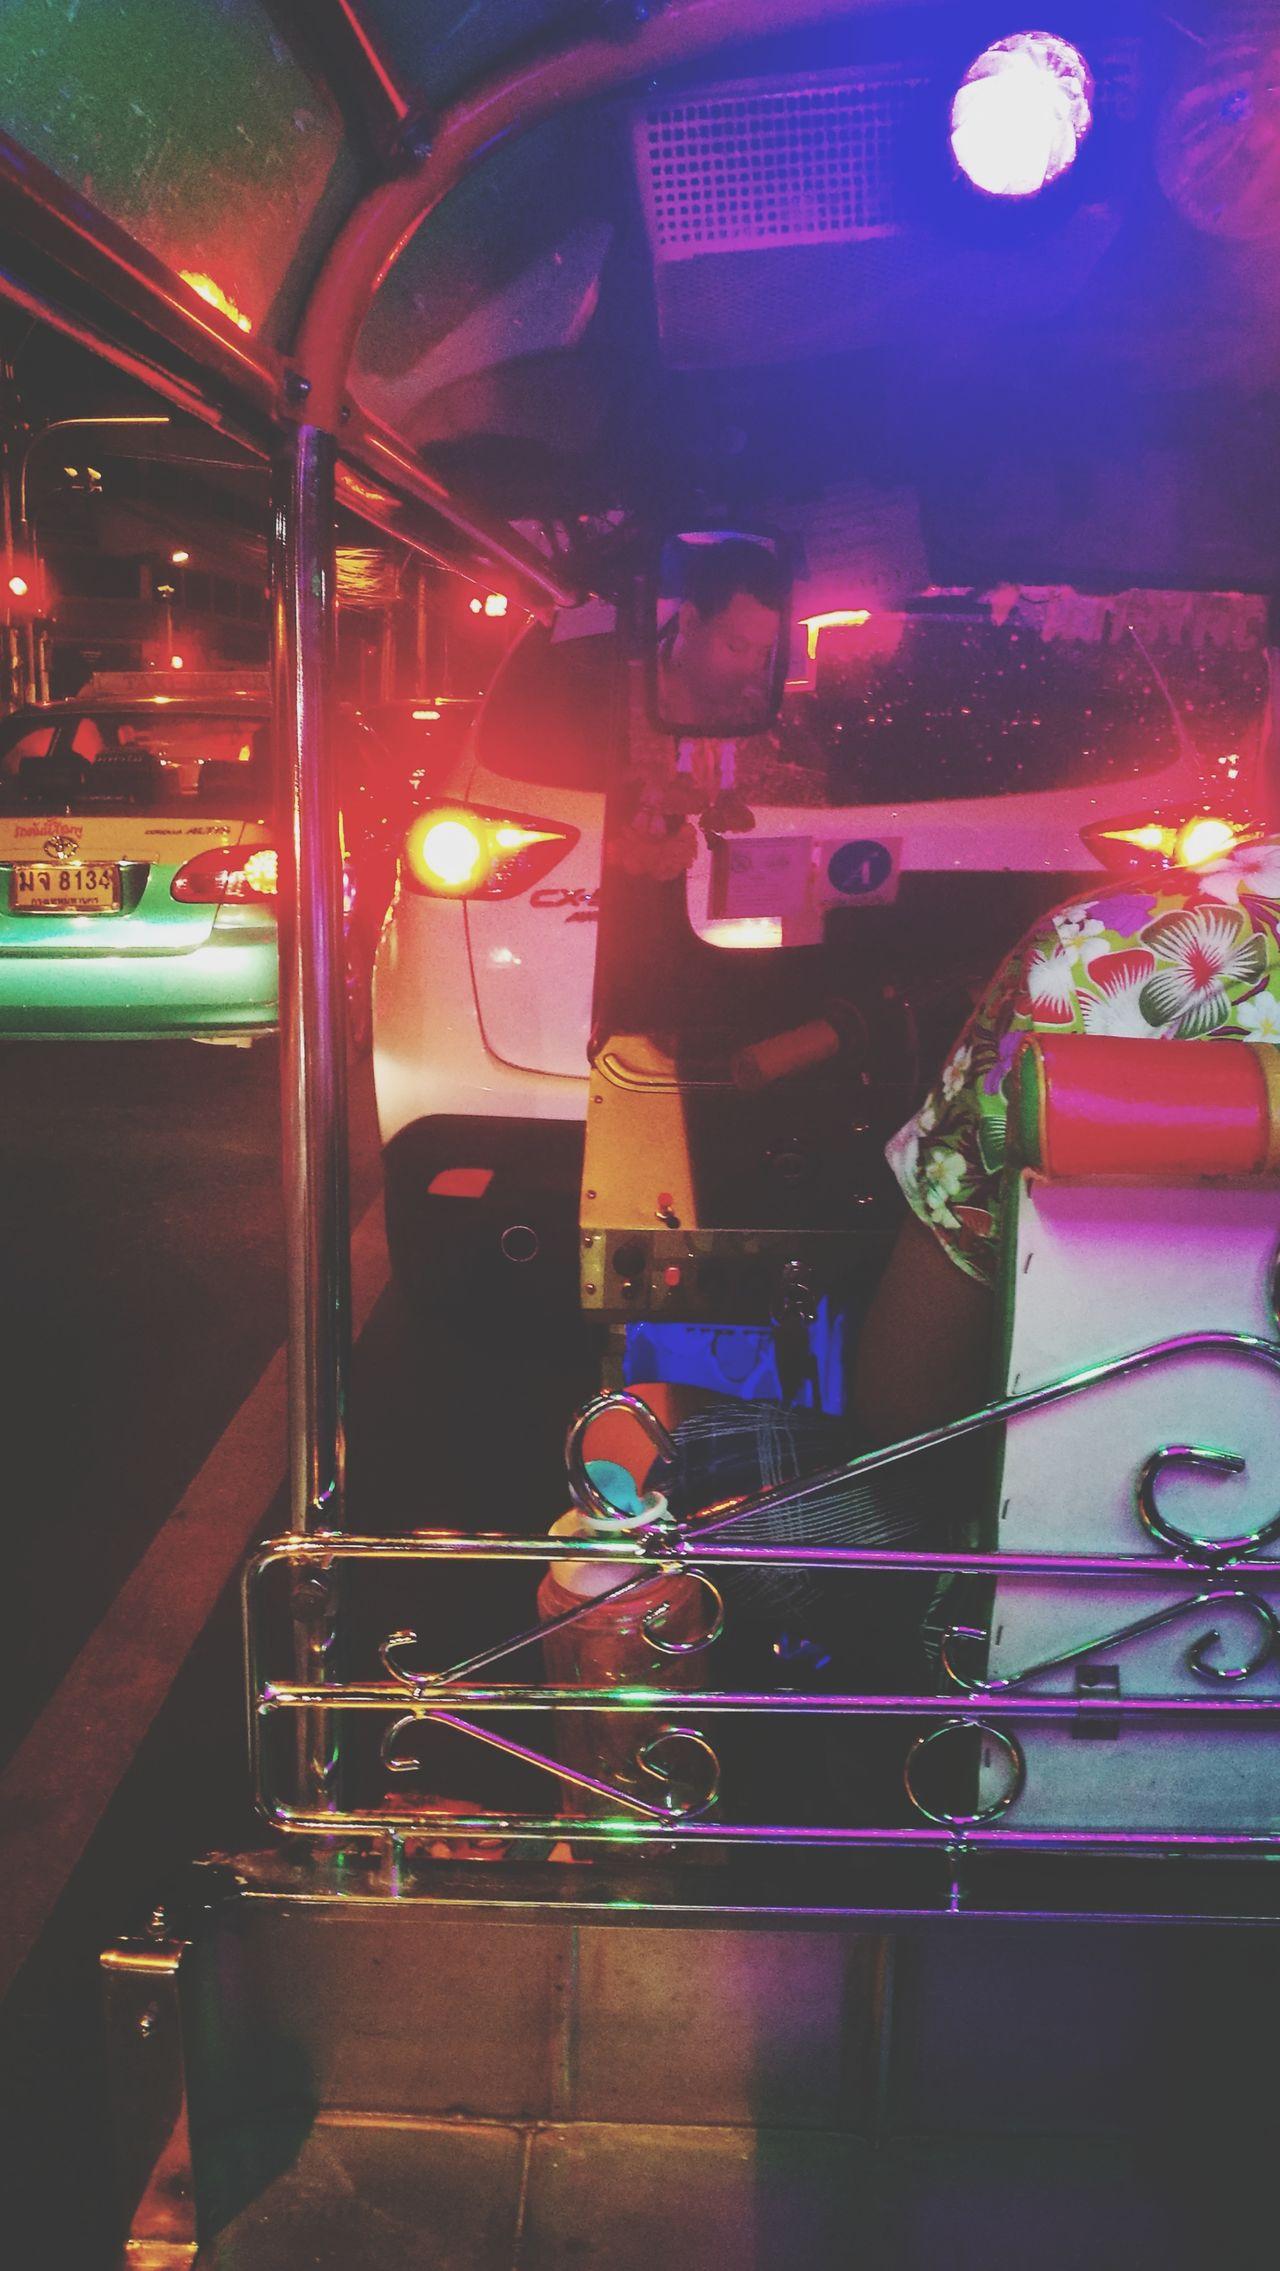 Tuktuk Thailand Nightlife Songkran Festival Songkran2017 ThailandOnly